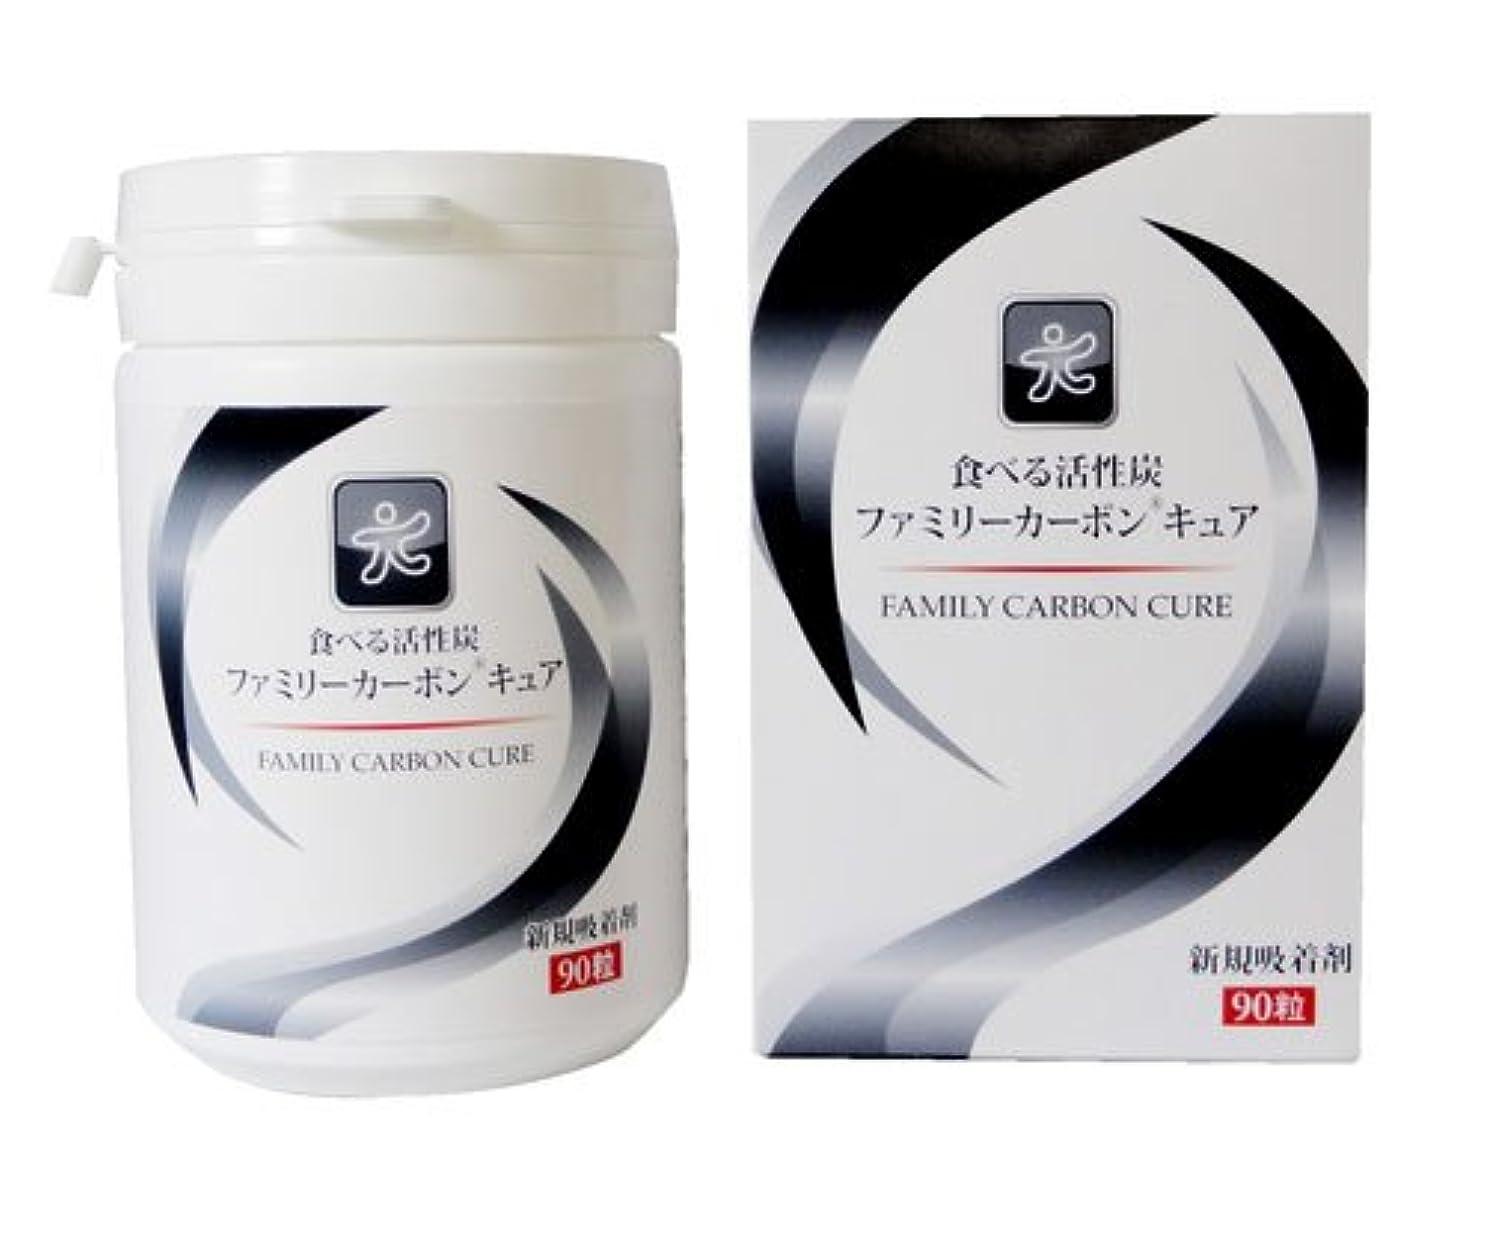 刺繍高潔なレーザエムケイコーポレーション 食べる活性炭ファミリーカーボンキュア 活性炭加工食品 90粒入 2個セット